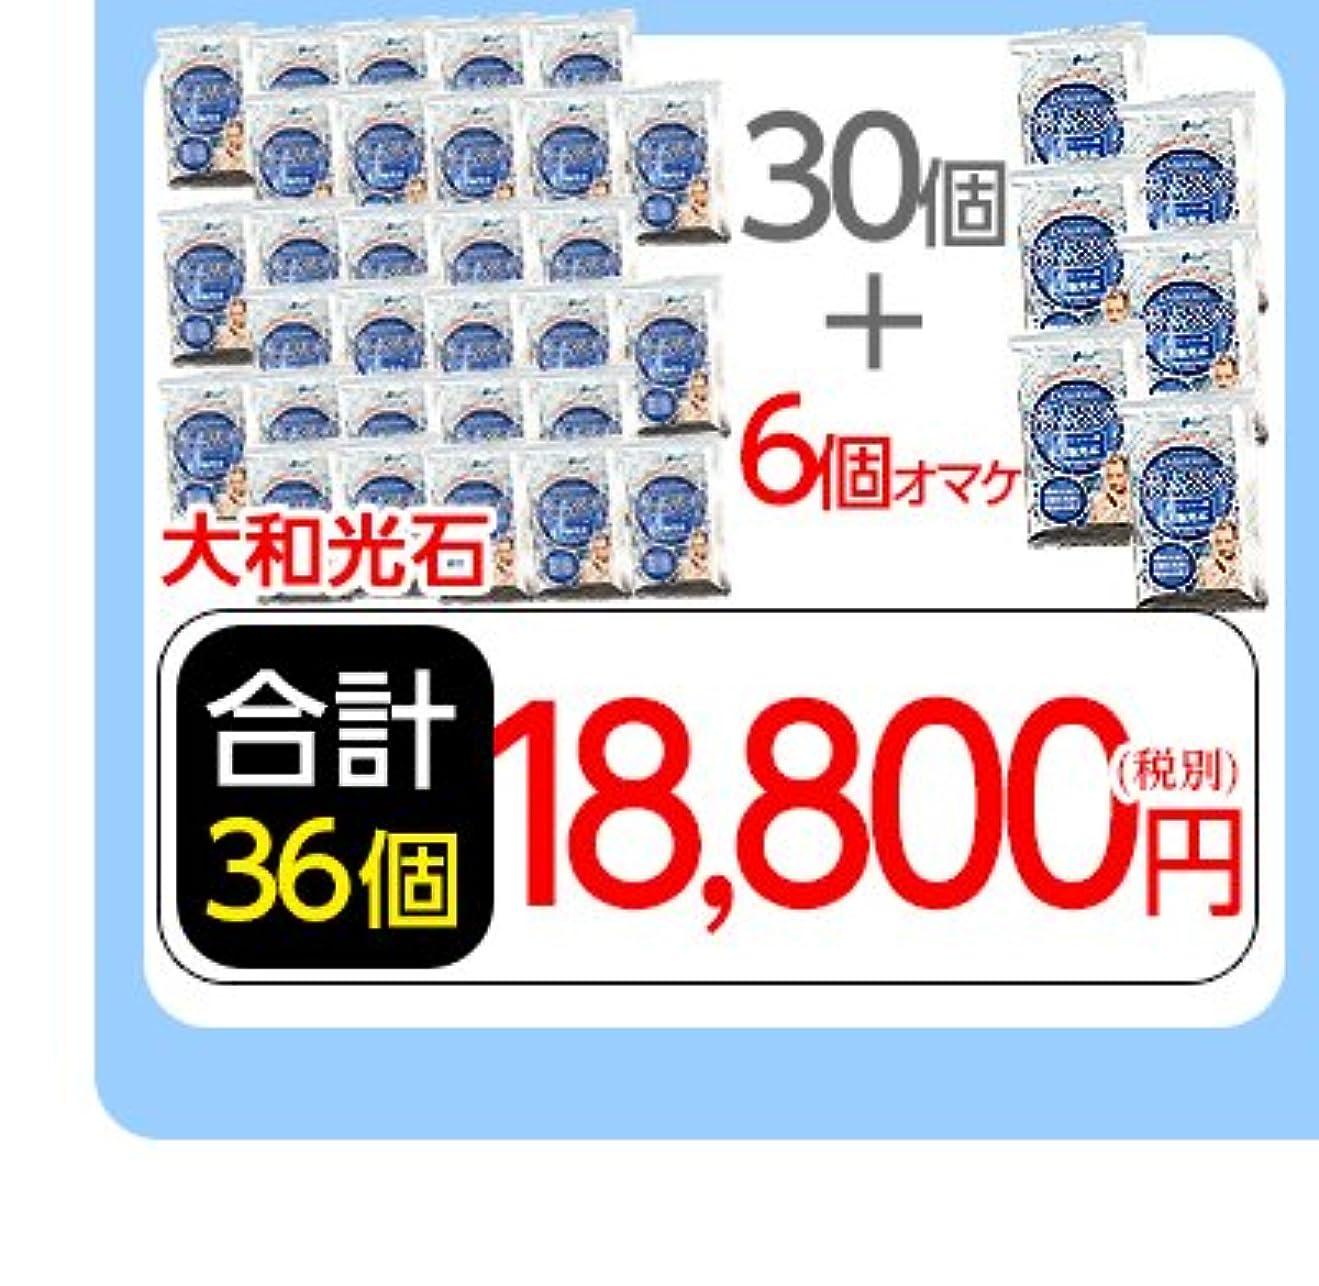 桁ロッカー観光に行くデトキシャン水素スパ☆大和光石30個+6個オマケ